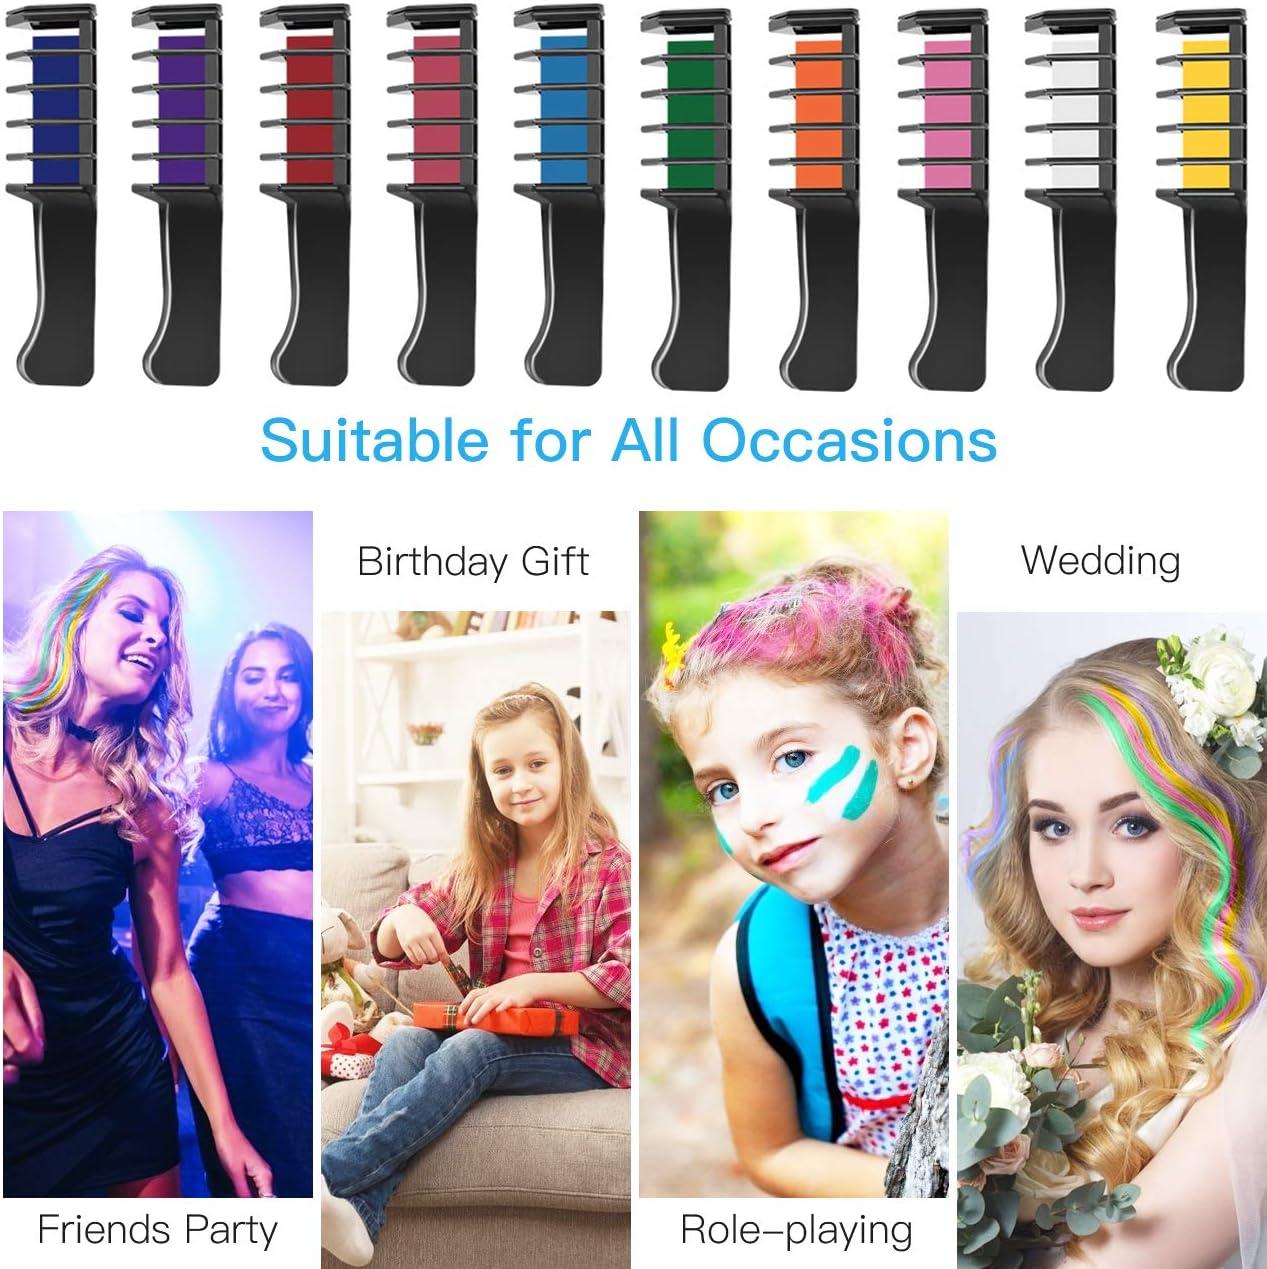 Tiza de Pelo, Kastiny 10 Colores Temporales de Cabello, Tinte para Cabello No Tóxico, Lavables Color, con Brillo de Tatuaje de Tiza Para Niños DIY ...